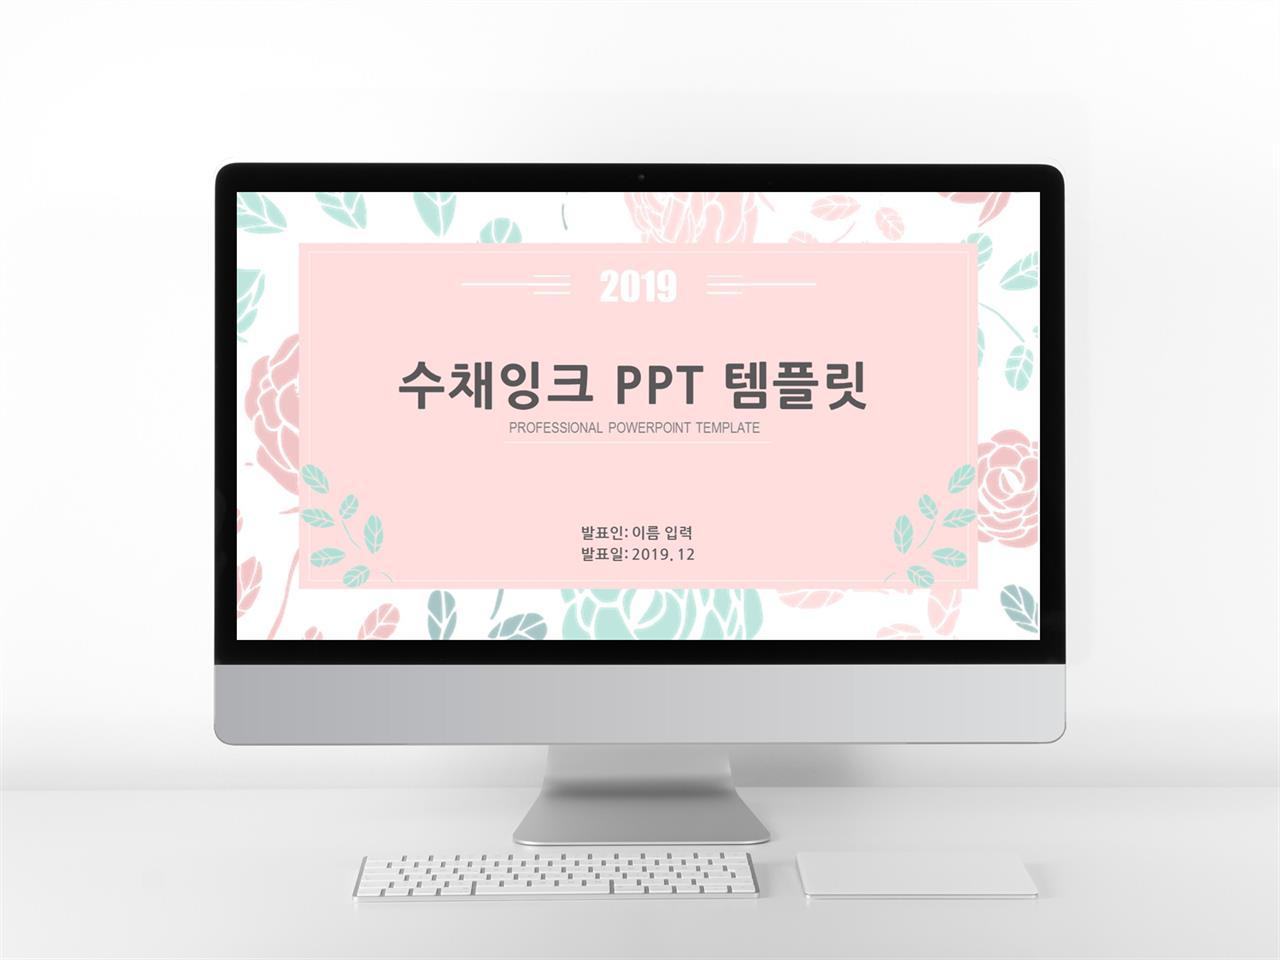 식물동물 분홍색 단아한 멋진 PPT서식 다운로드 미리보기